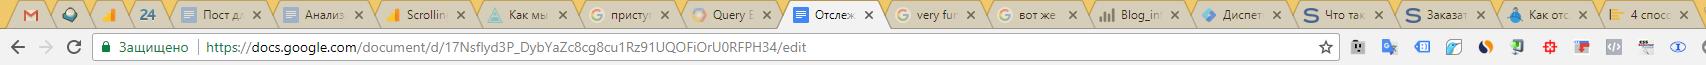 Типичное окно браузера среднестатестического пользователя